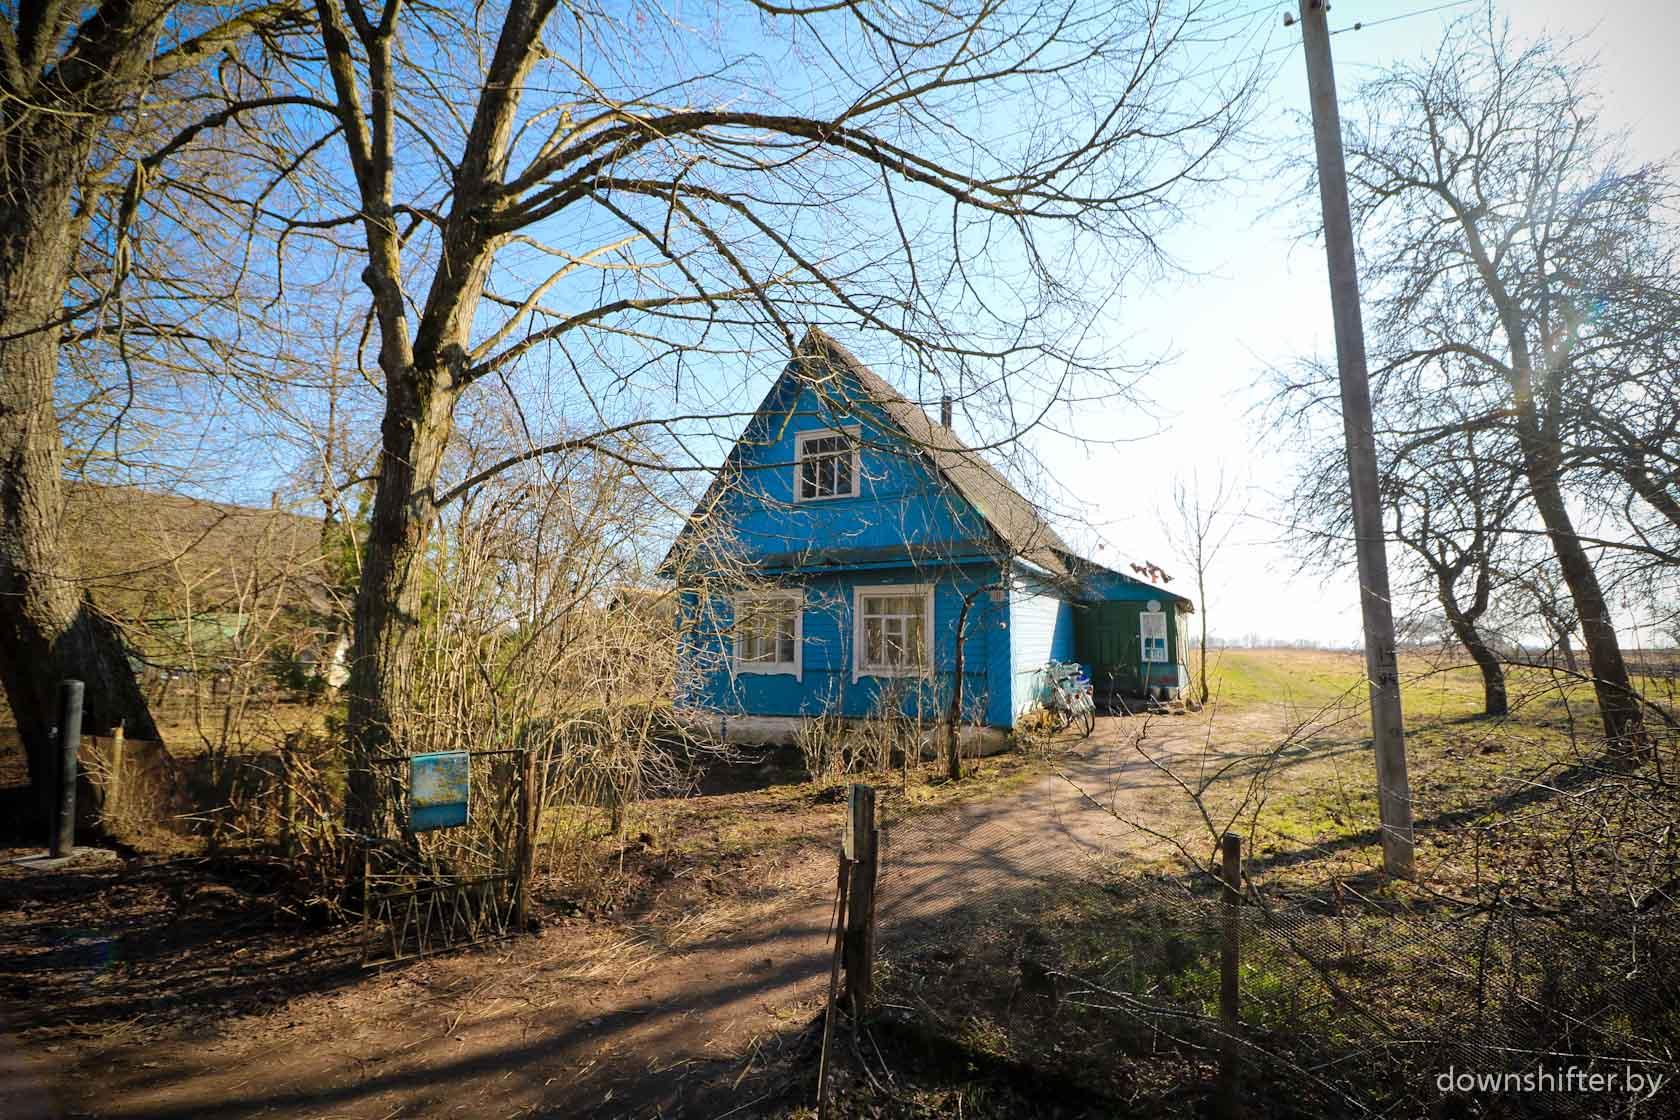 Дом, где живут практиканты.